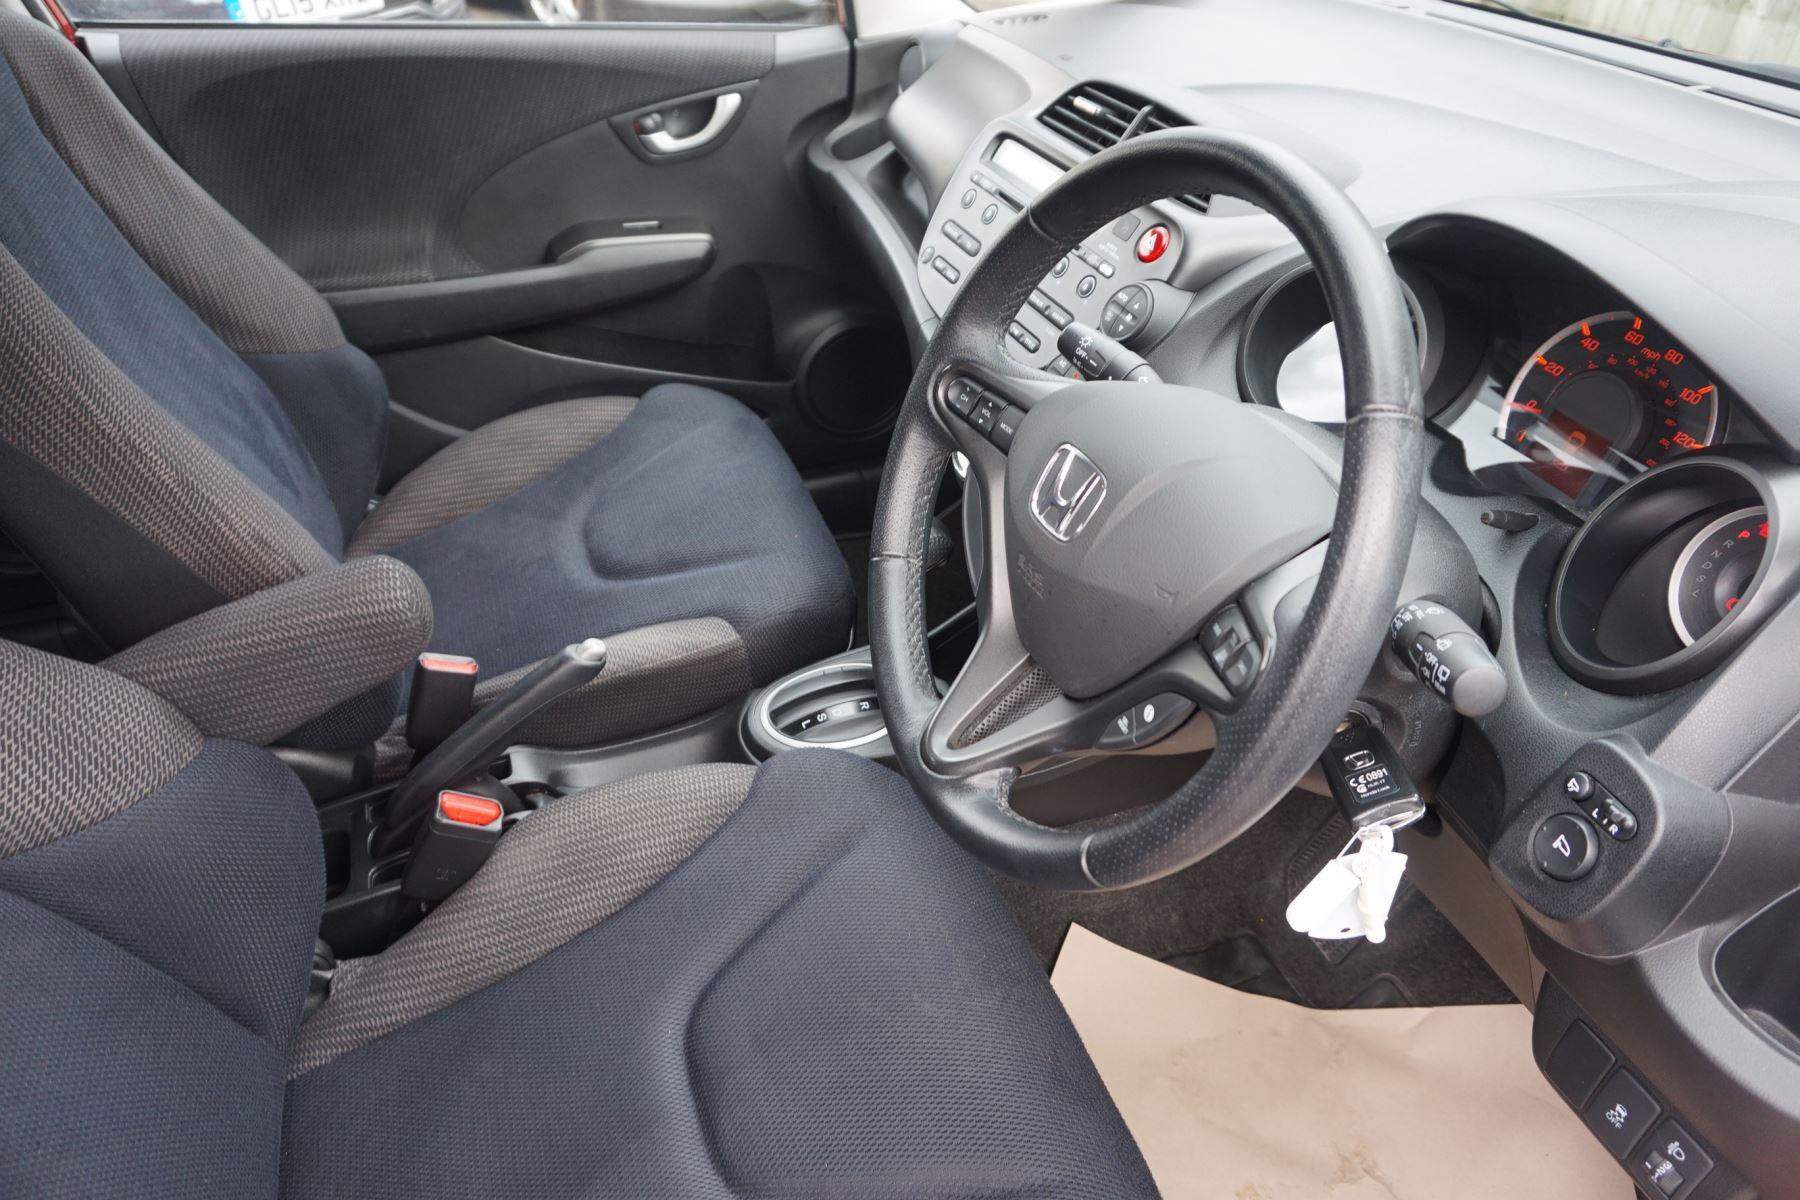 Honda Jazz 1.4 i-VTEC ES Plus CVT image 16